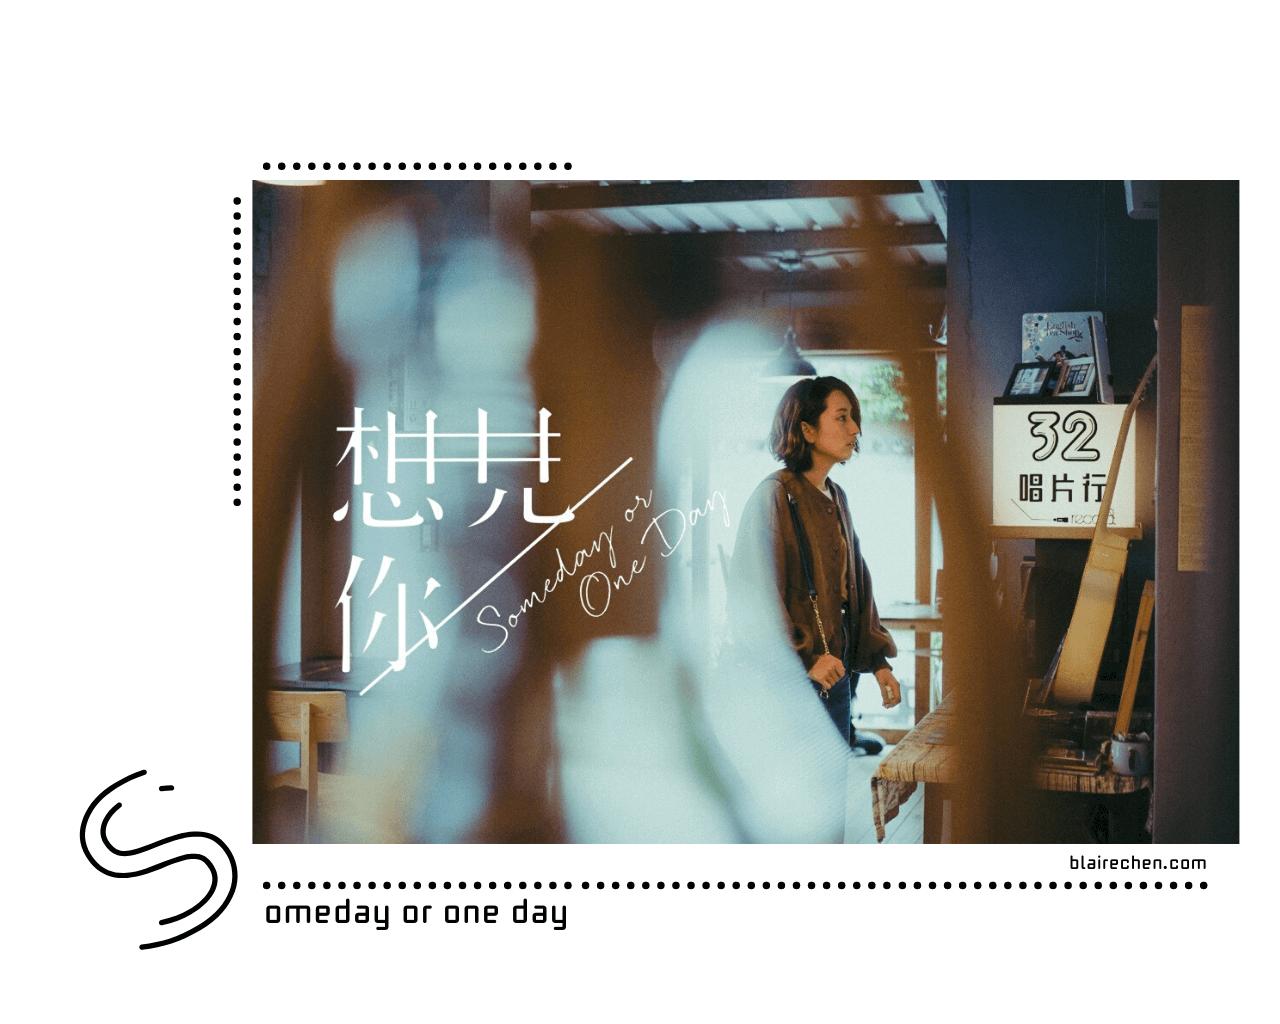 【跟著《想見你》踩點】|時光穿梭1998年,跟著鳳南小隊前進拍攝場景,朝聖《想見你》景點懶人包!